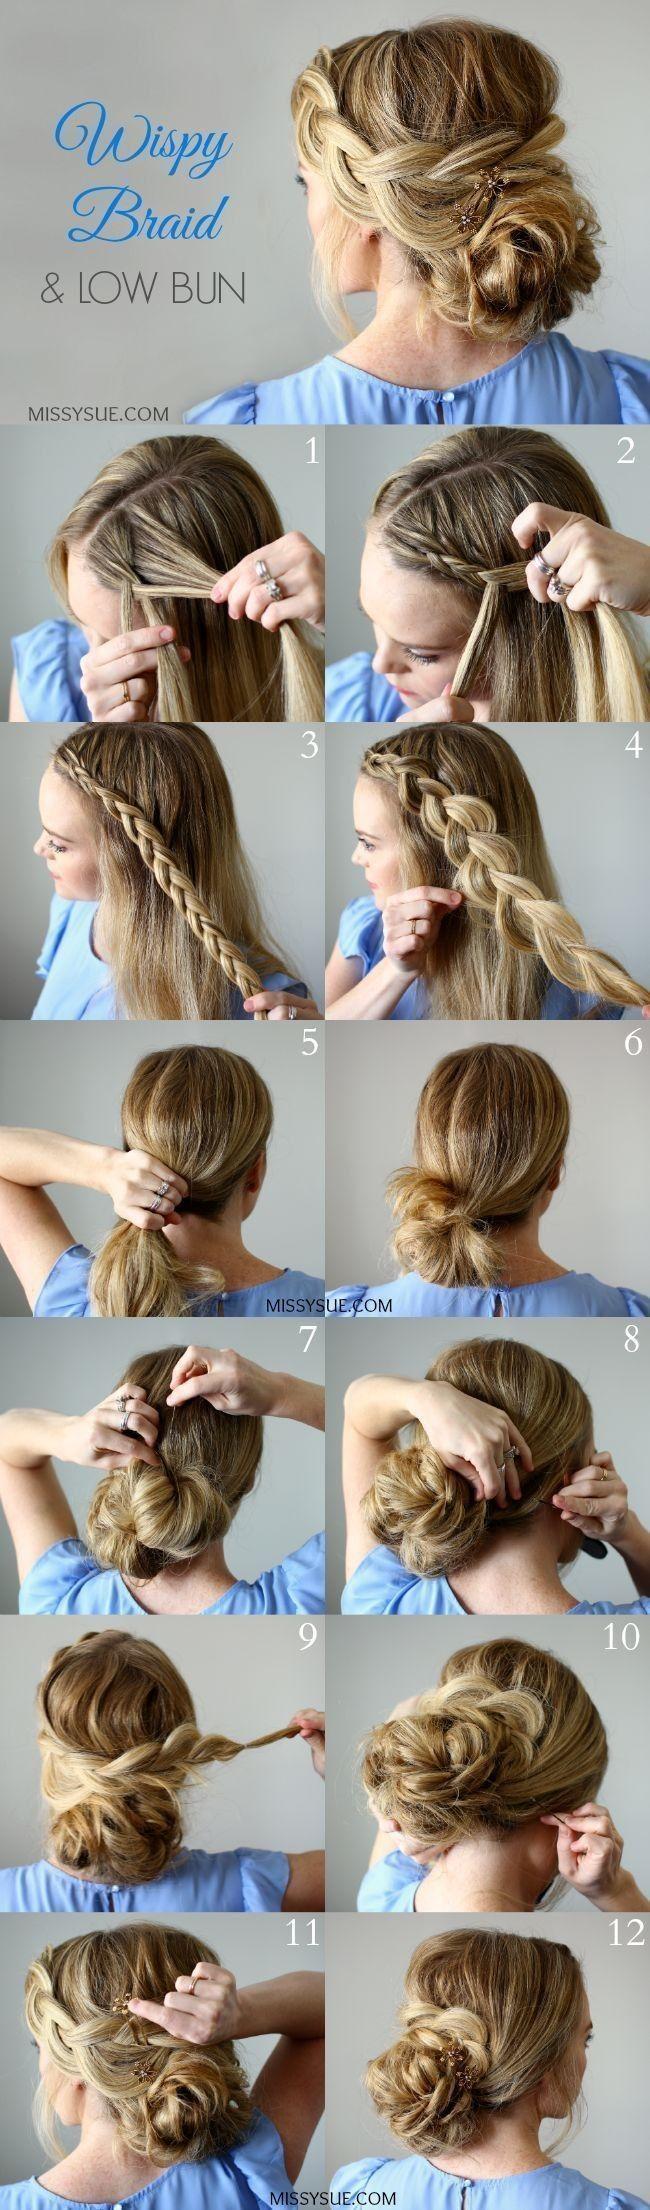 Schöne einfache Frisuren-Tutorials für langes Haar